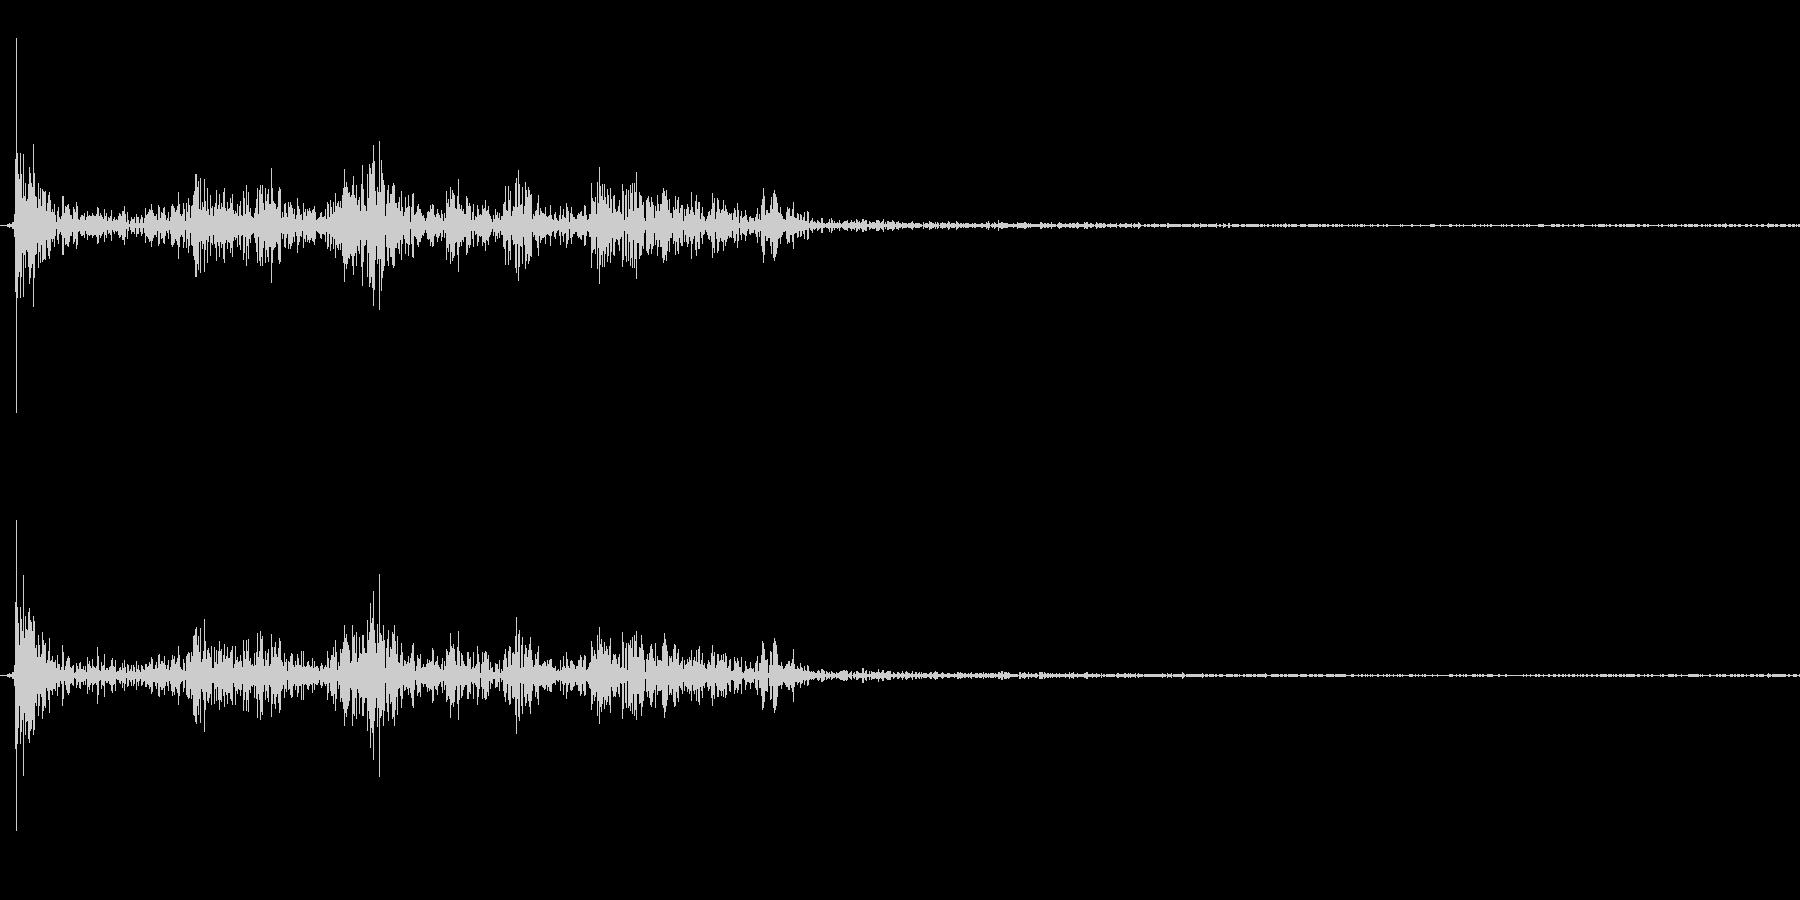 【生録音】パッケージ 開封音 2の未再生の波形